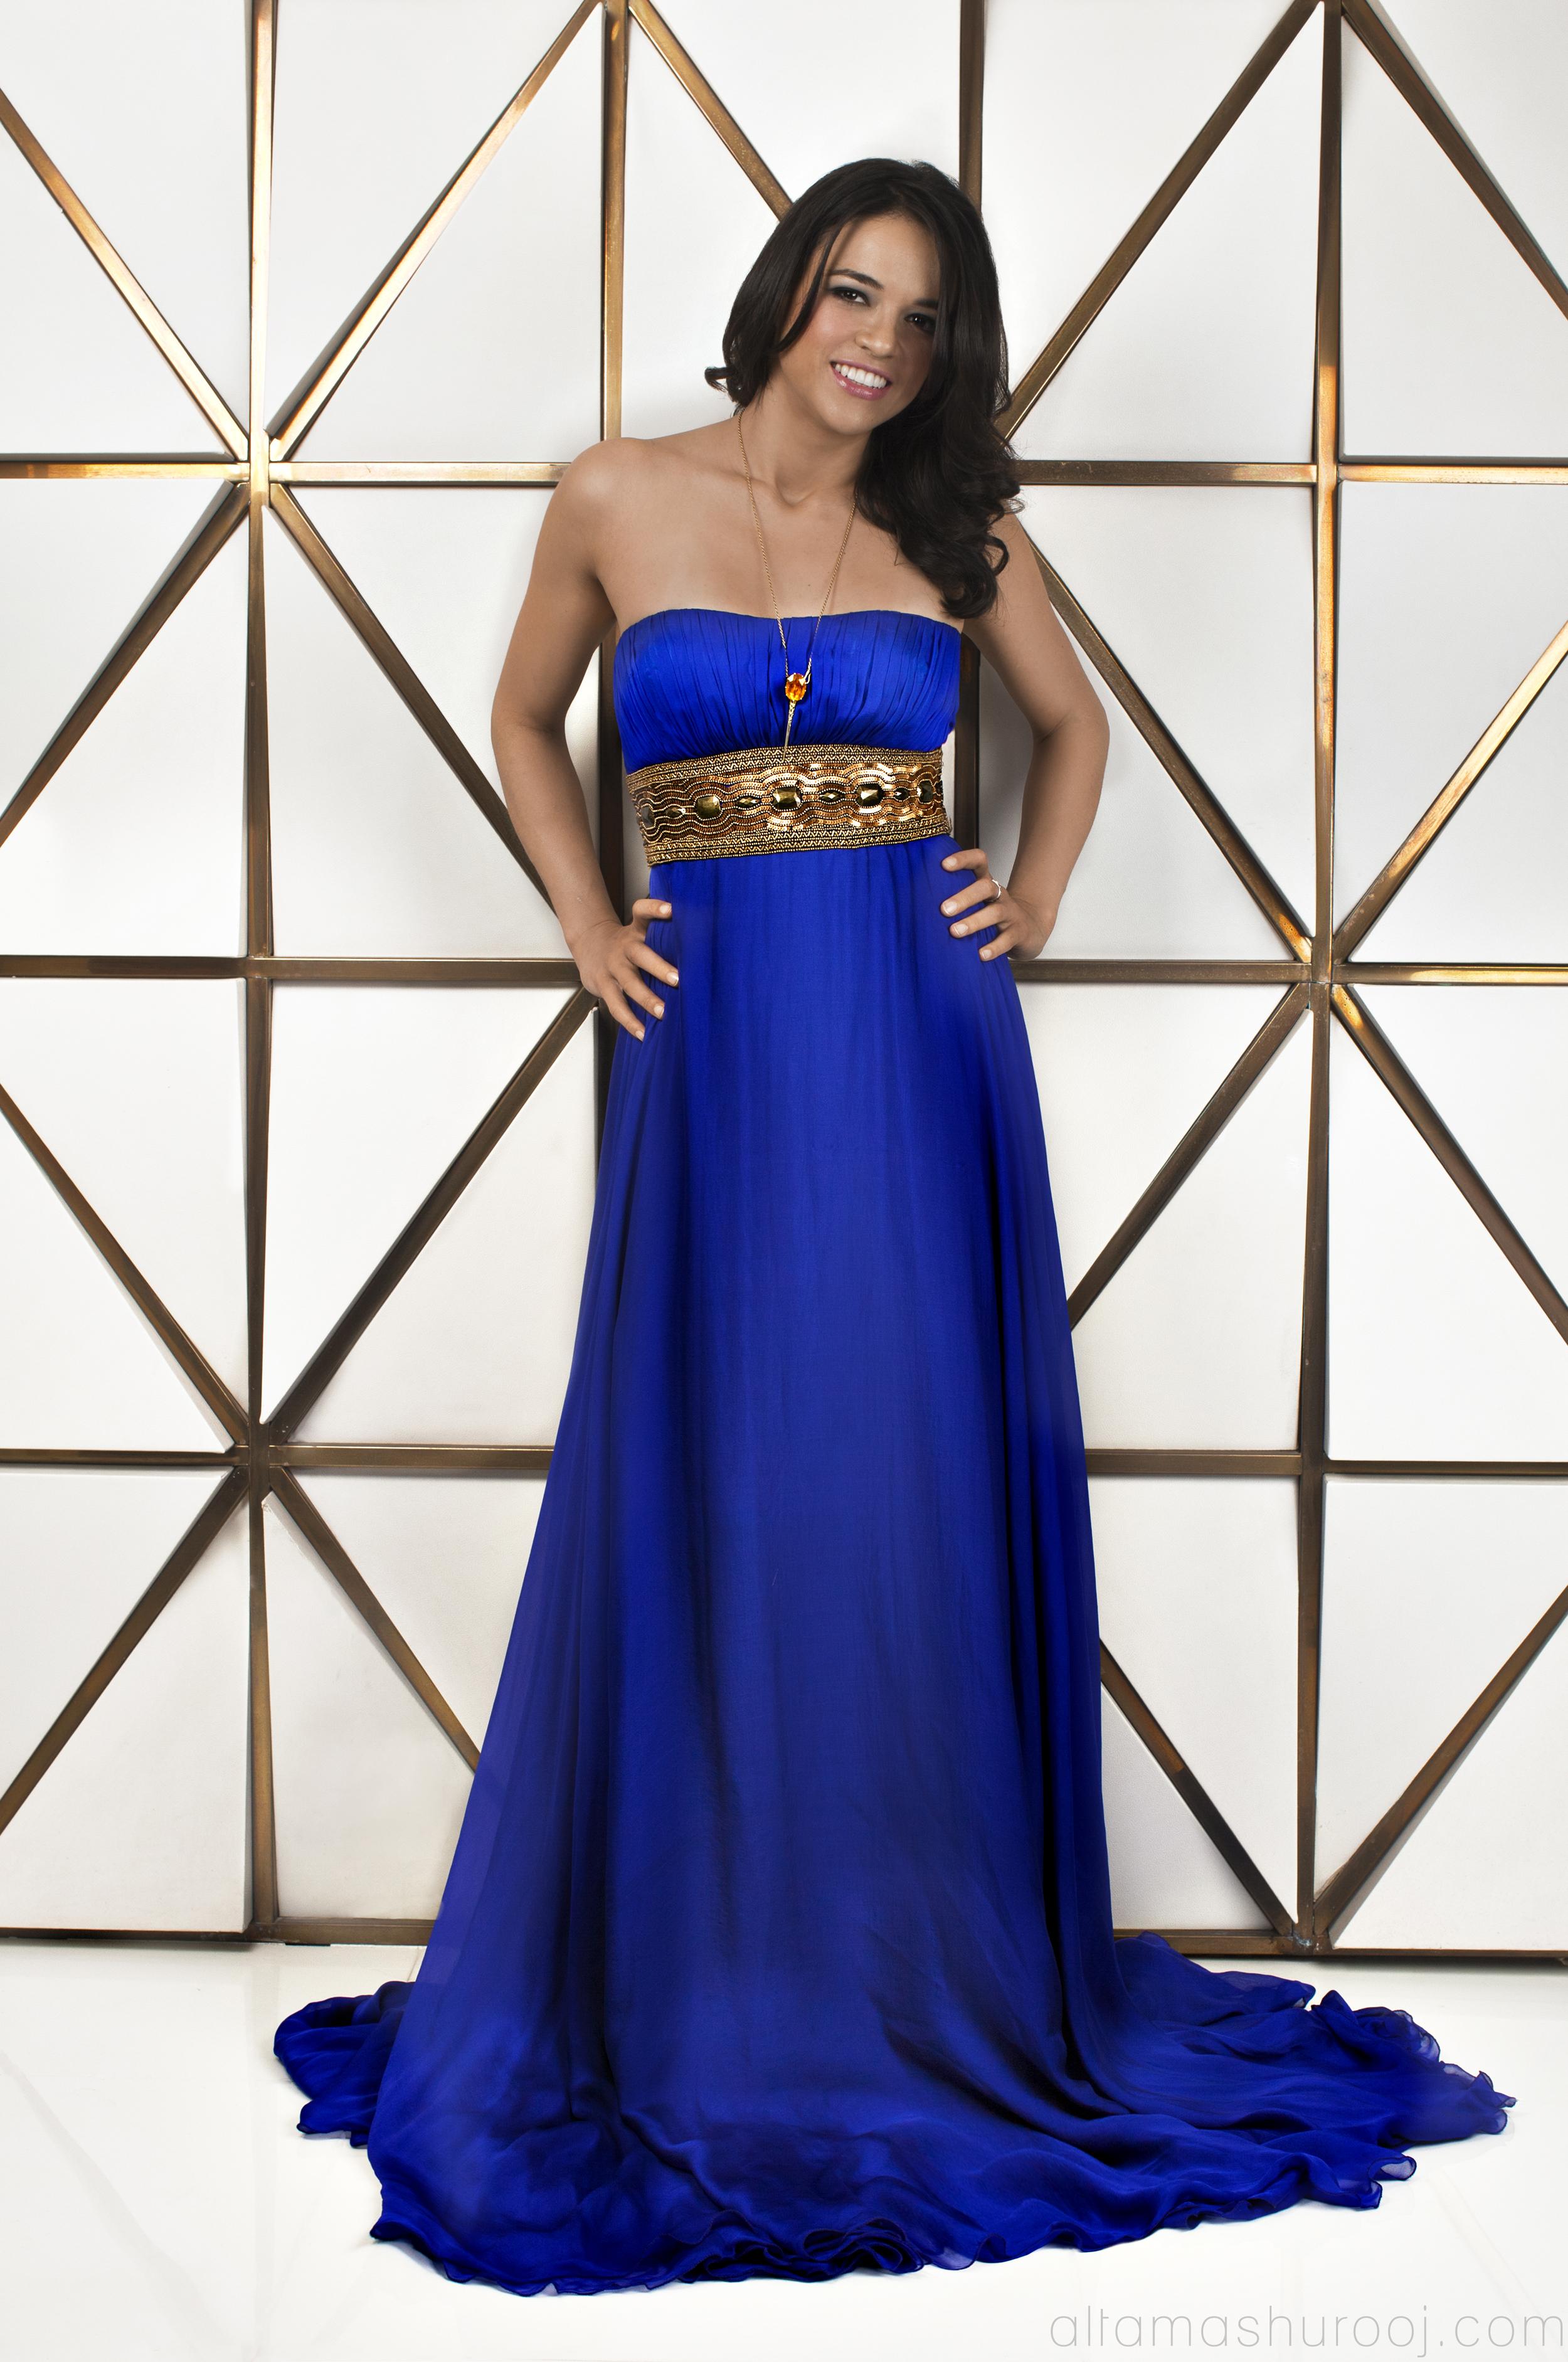 Michelle Rodriguez in OK Magazine - 2012